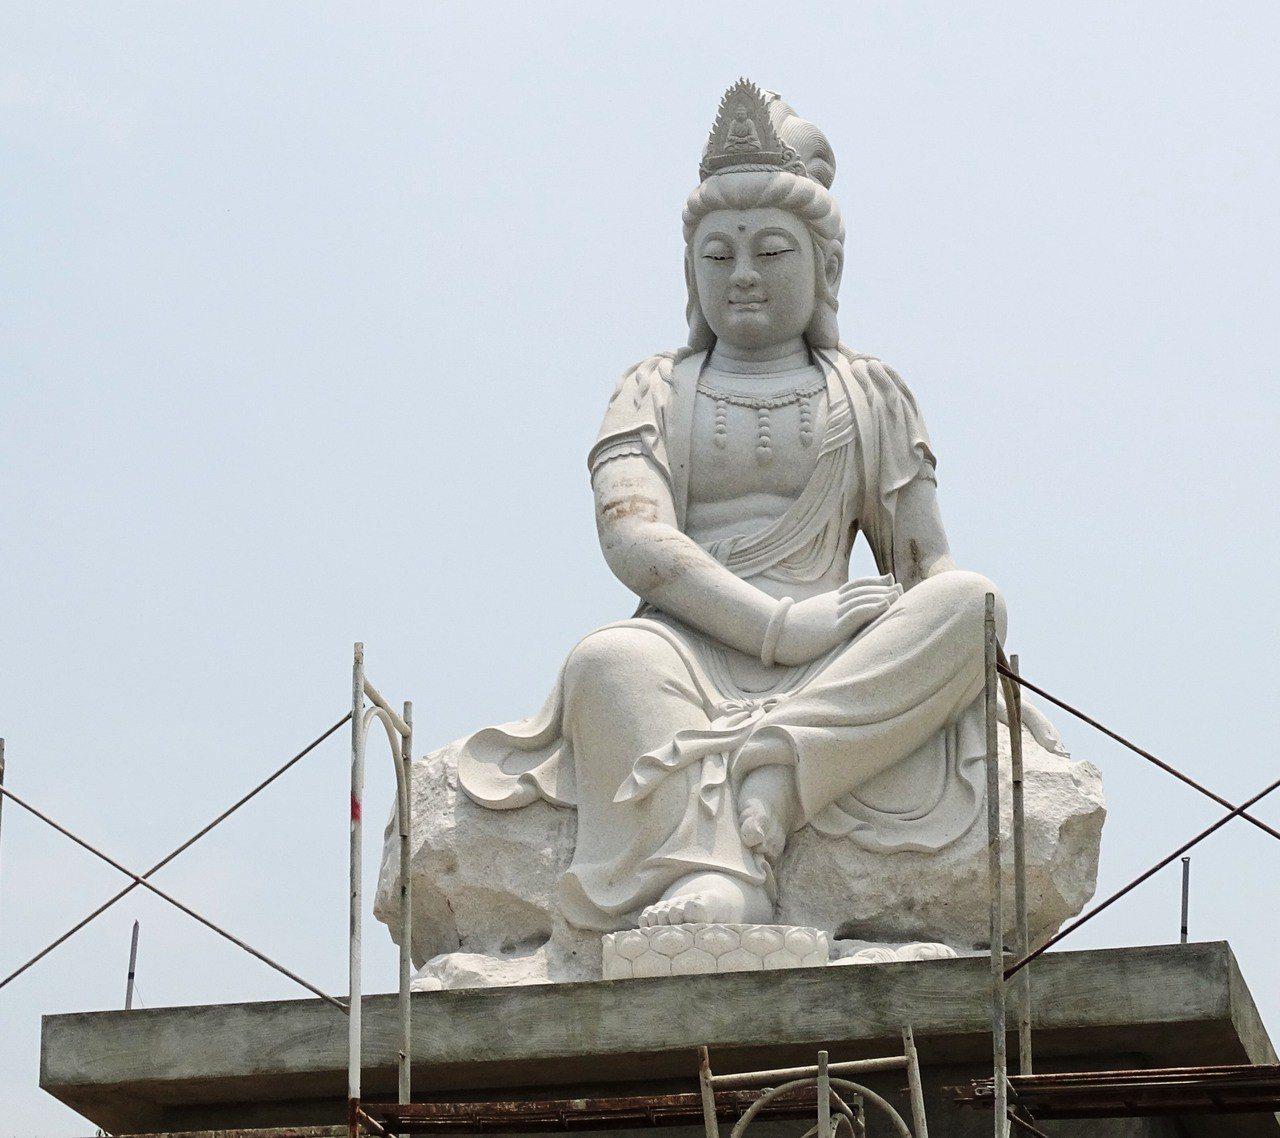 員林市前往藤山步道的員南路旁,興建5公尺高的觀世音菩薩石雕,將是林厝里新地標。 ...